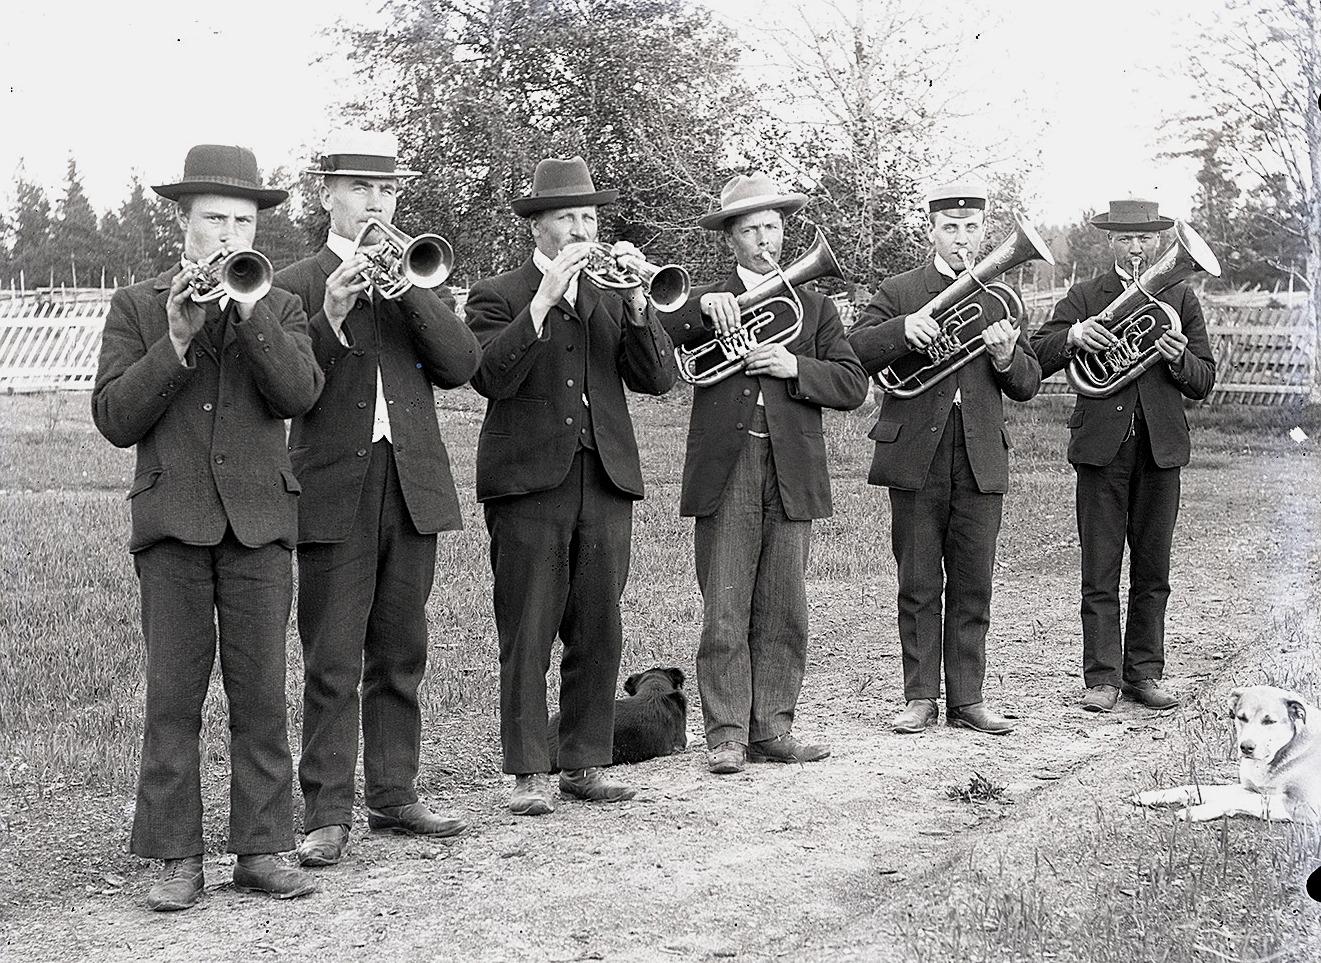 Viktor var också med i den hornorkester, som hans svåger läraren Henrik Rosenback drog i gång i Dagsmark år 1904. Tredje från vänster är Viktor och följande högerut är hans bror Erik Anders Englund. Instrumenten köpte de av Nykterhetsföreningen Rauhas i Kristinestad för 250 mark.